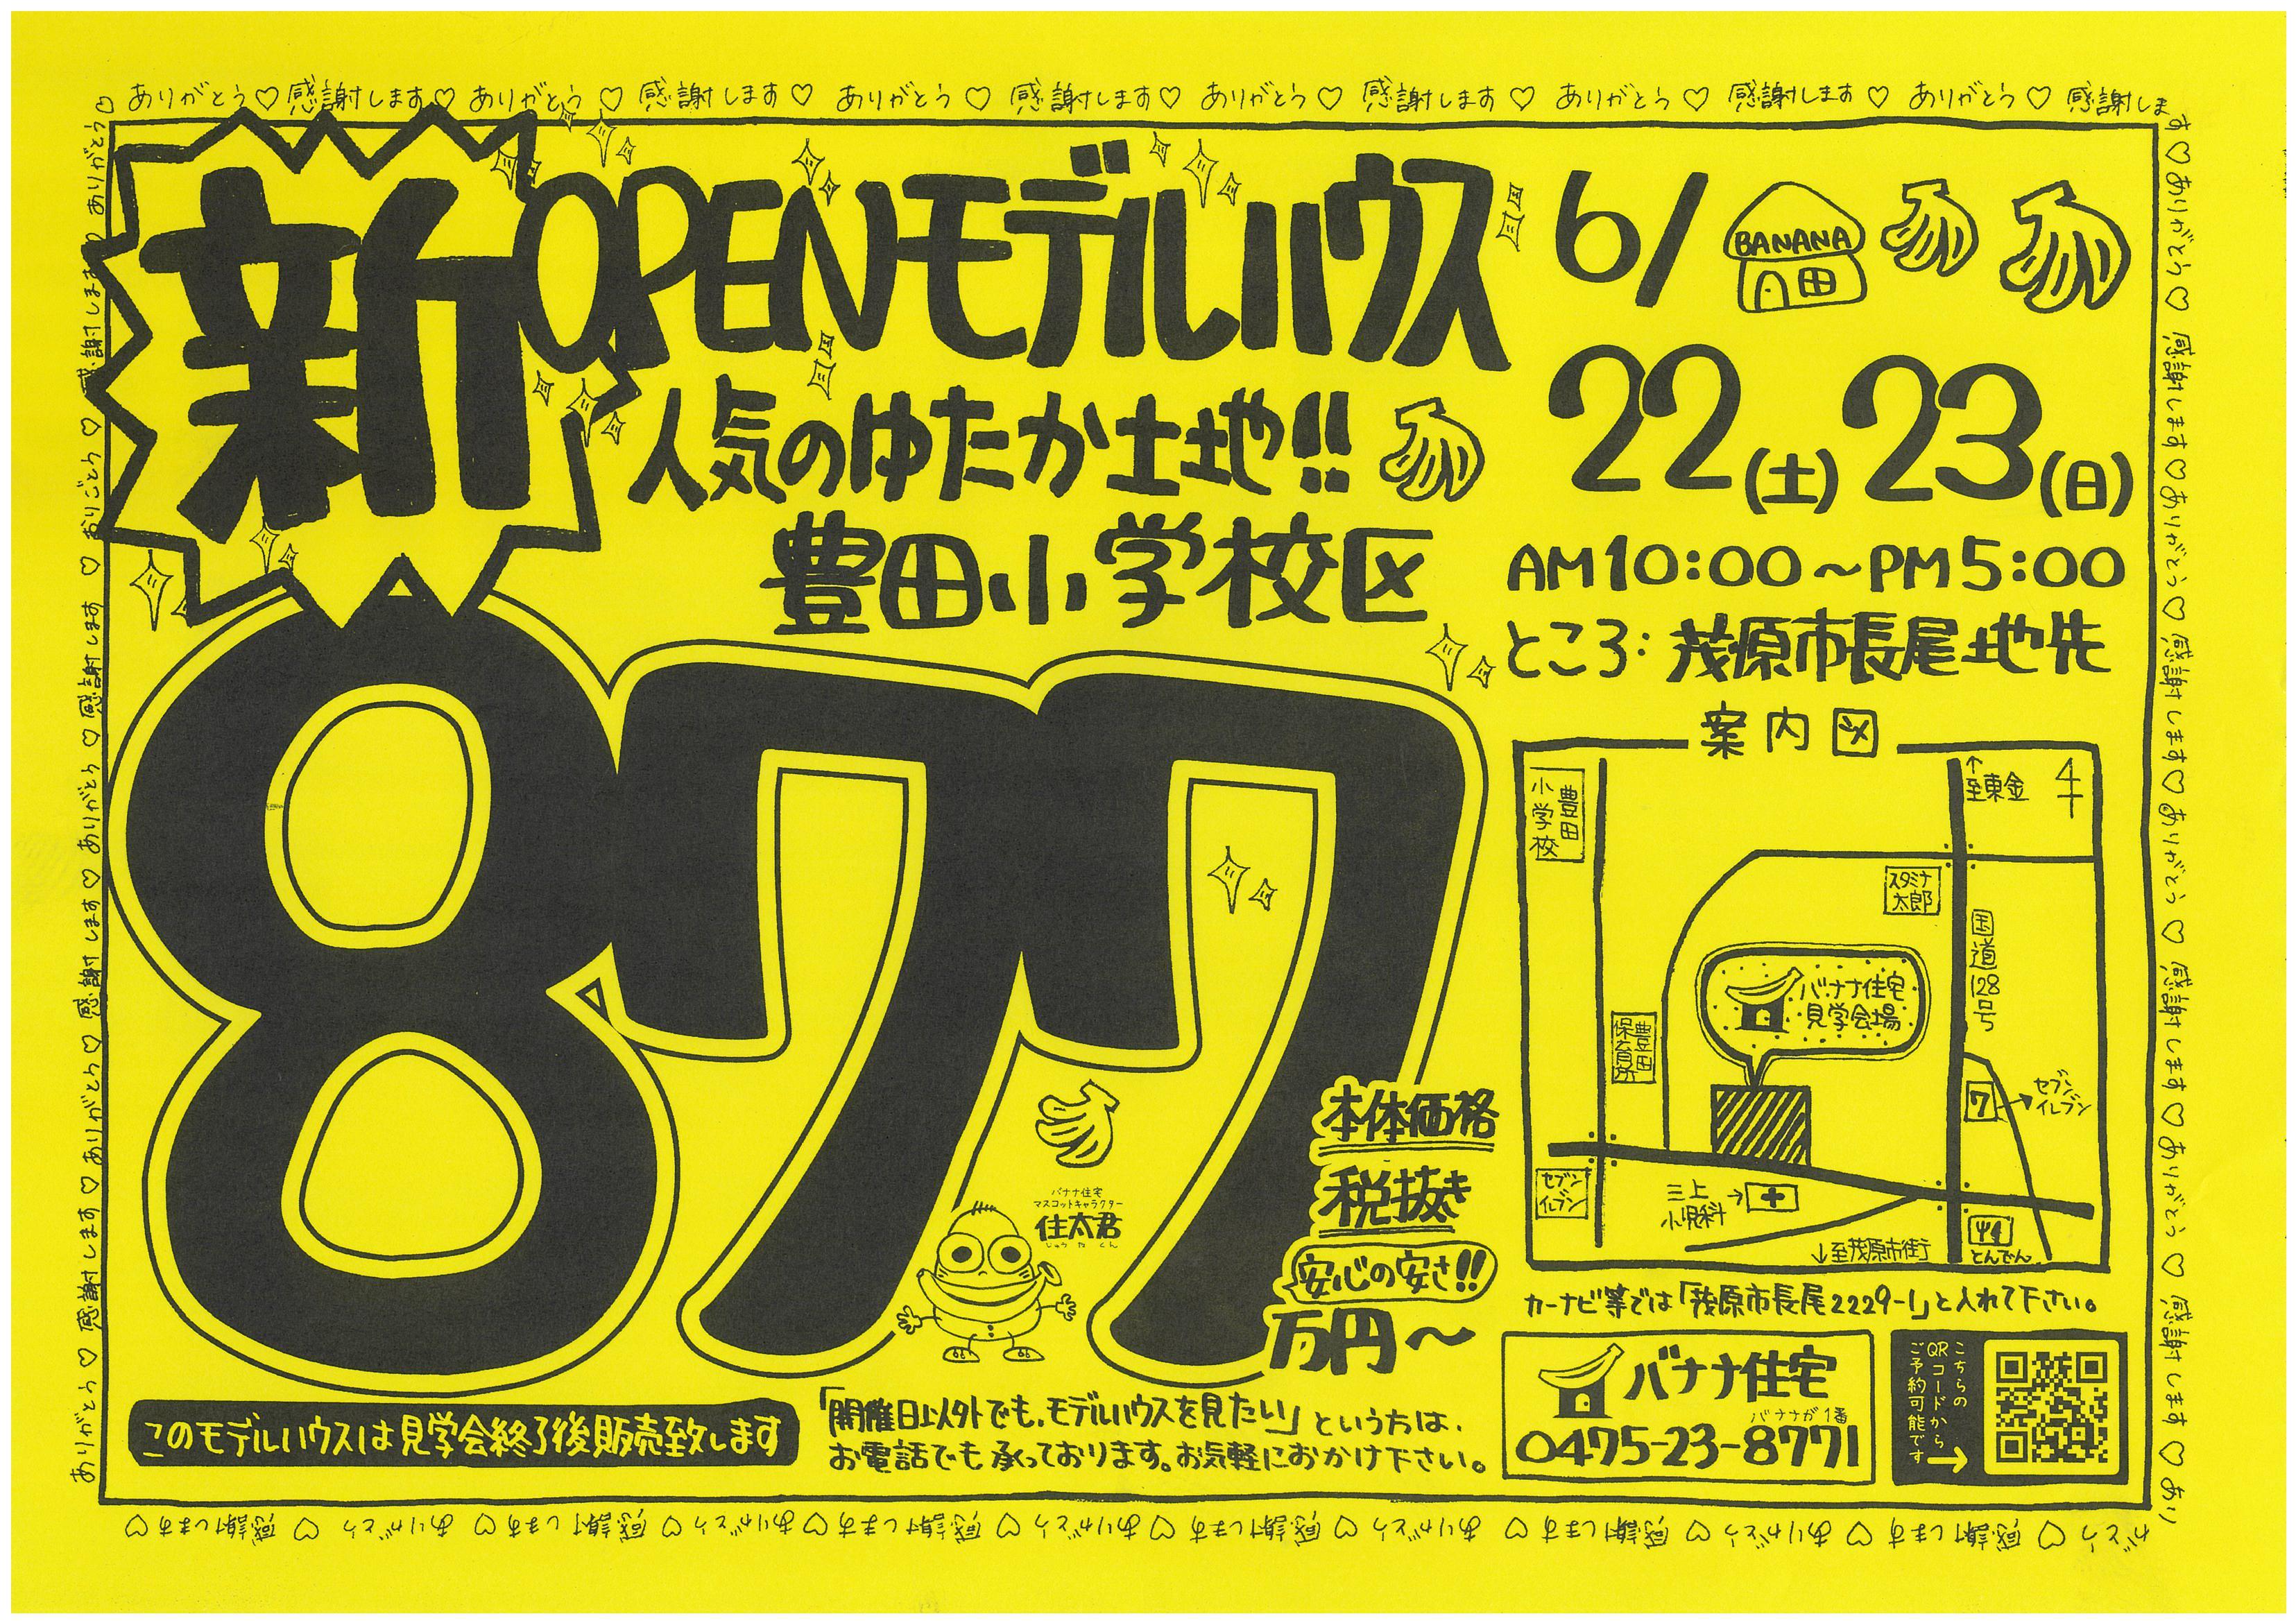 バナナ住宅モデルハウス公開!6月22日~23日